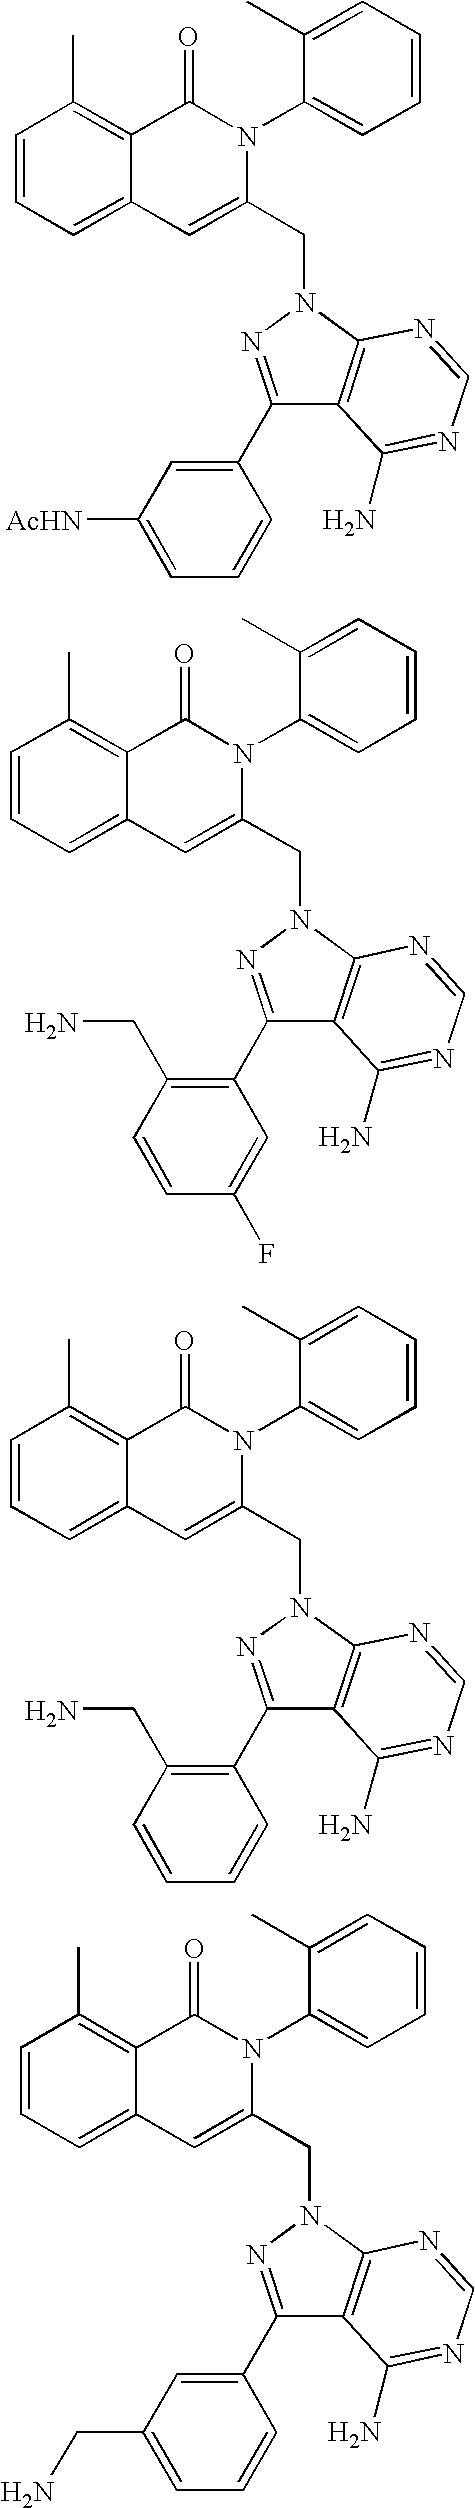 Figure US08193182-20120605-C00272